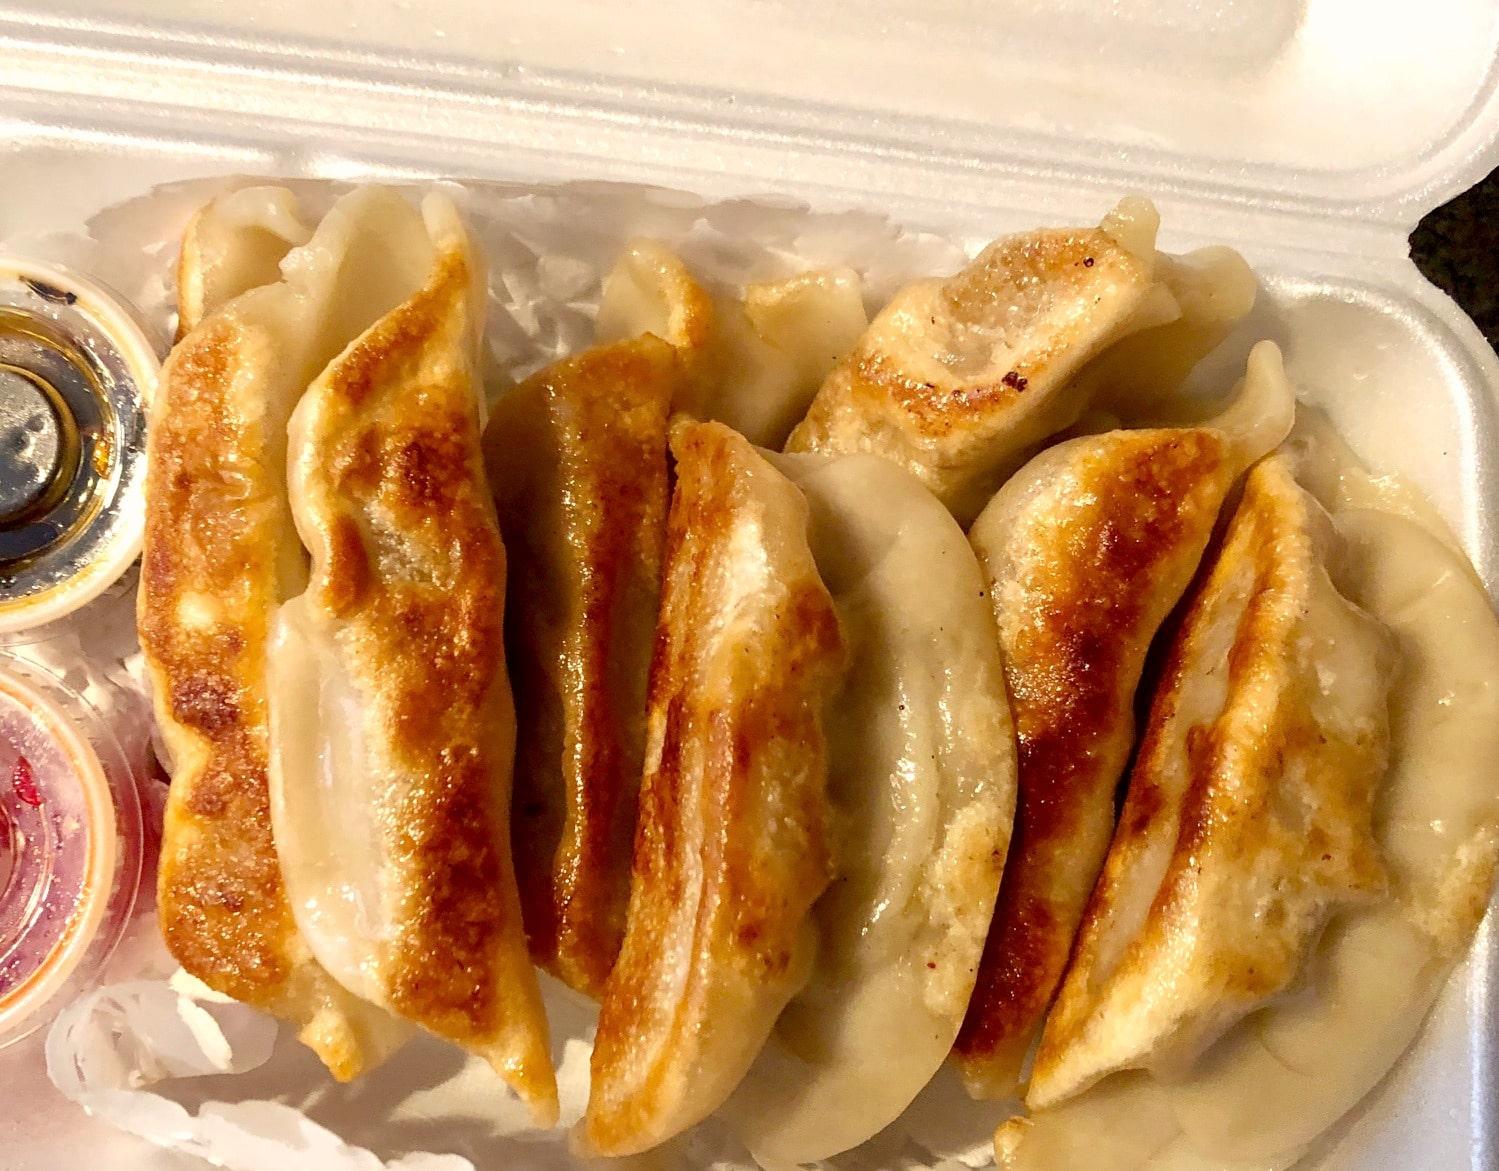 Take out potsticker dumplings